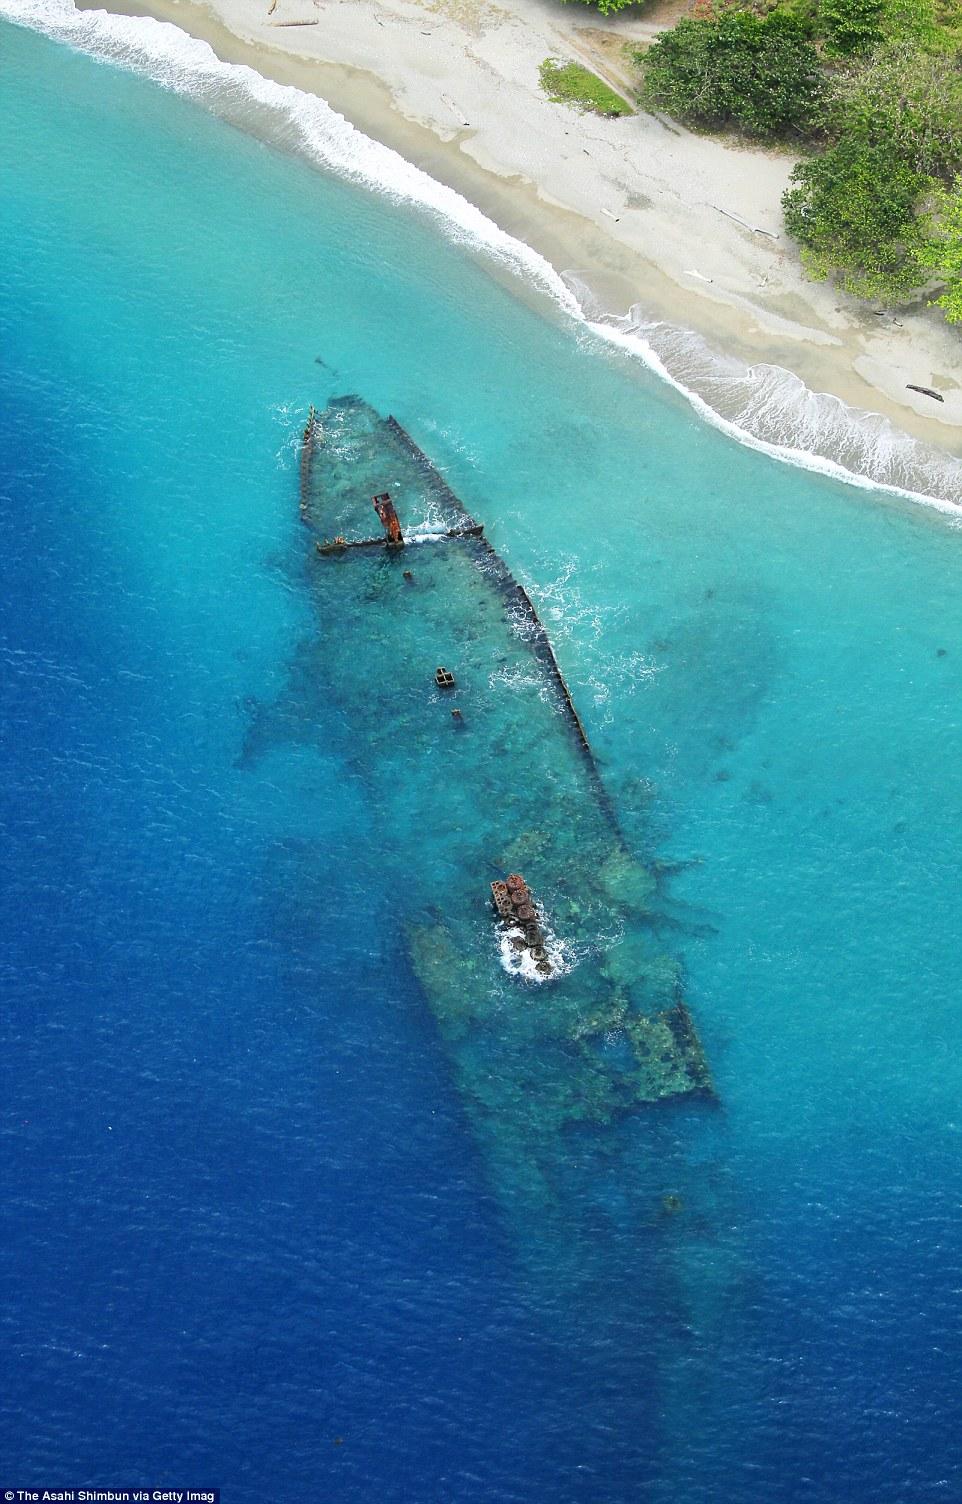 A japán Kinugawa Maru teherhajó roncsa a sekély tengerparti homokba süllyedve a salamon-szigeteki Guadalcanal sziget Tassafaronga partszakaszán.